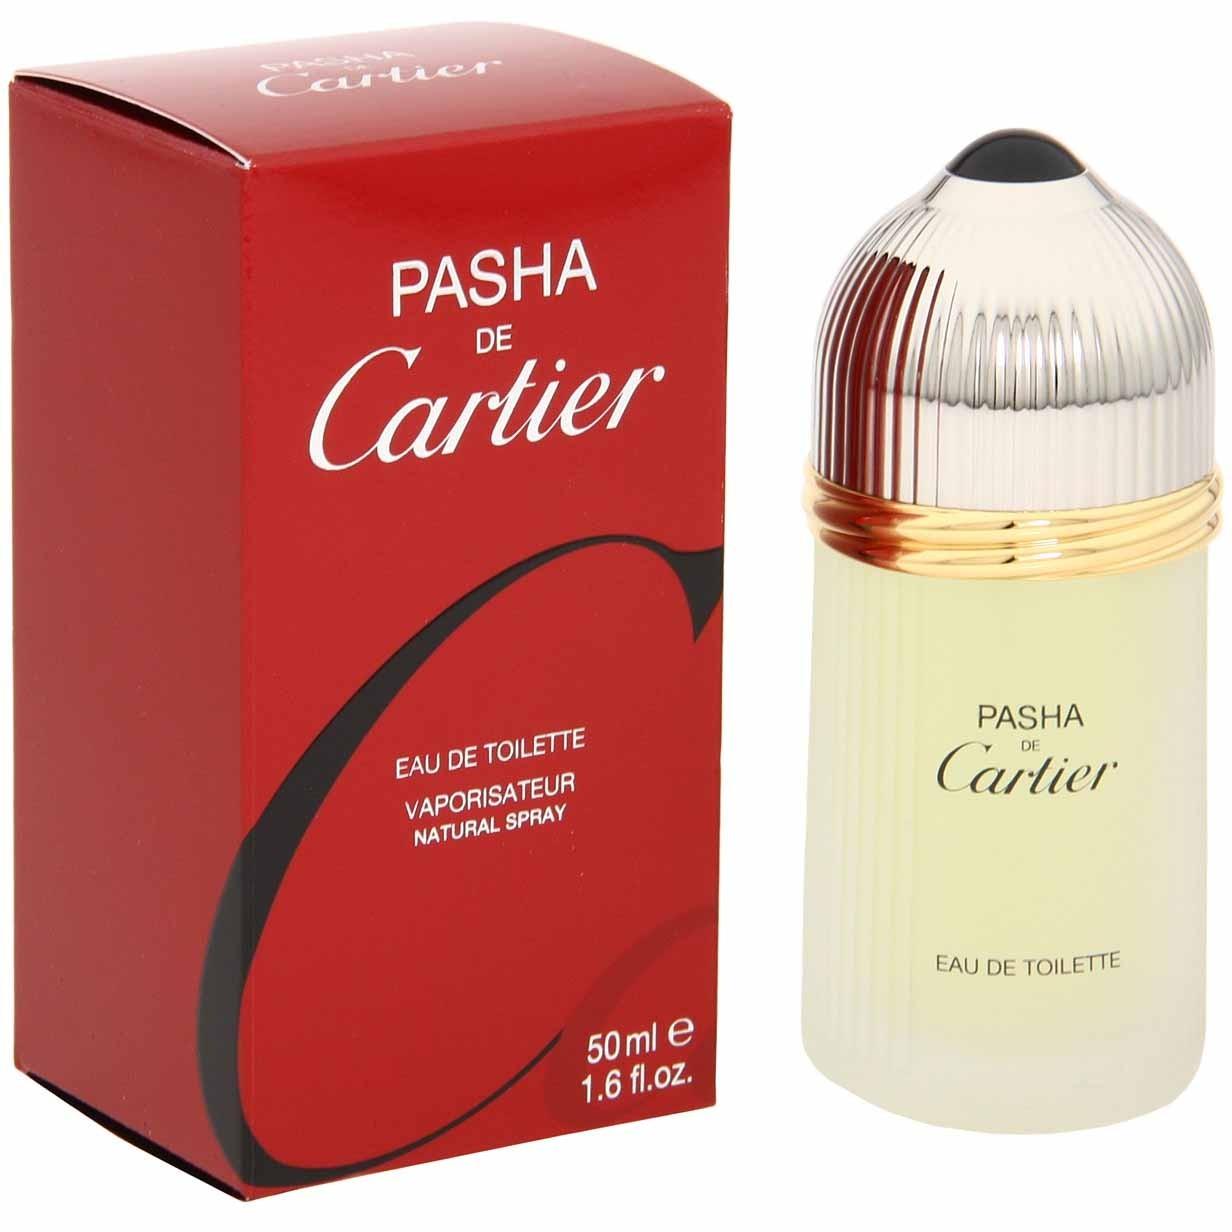 Pasha-Cartier-Cartier